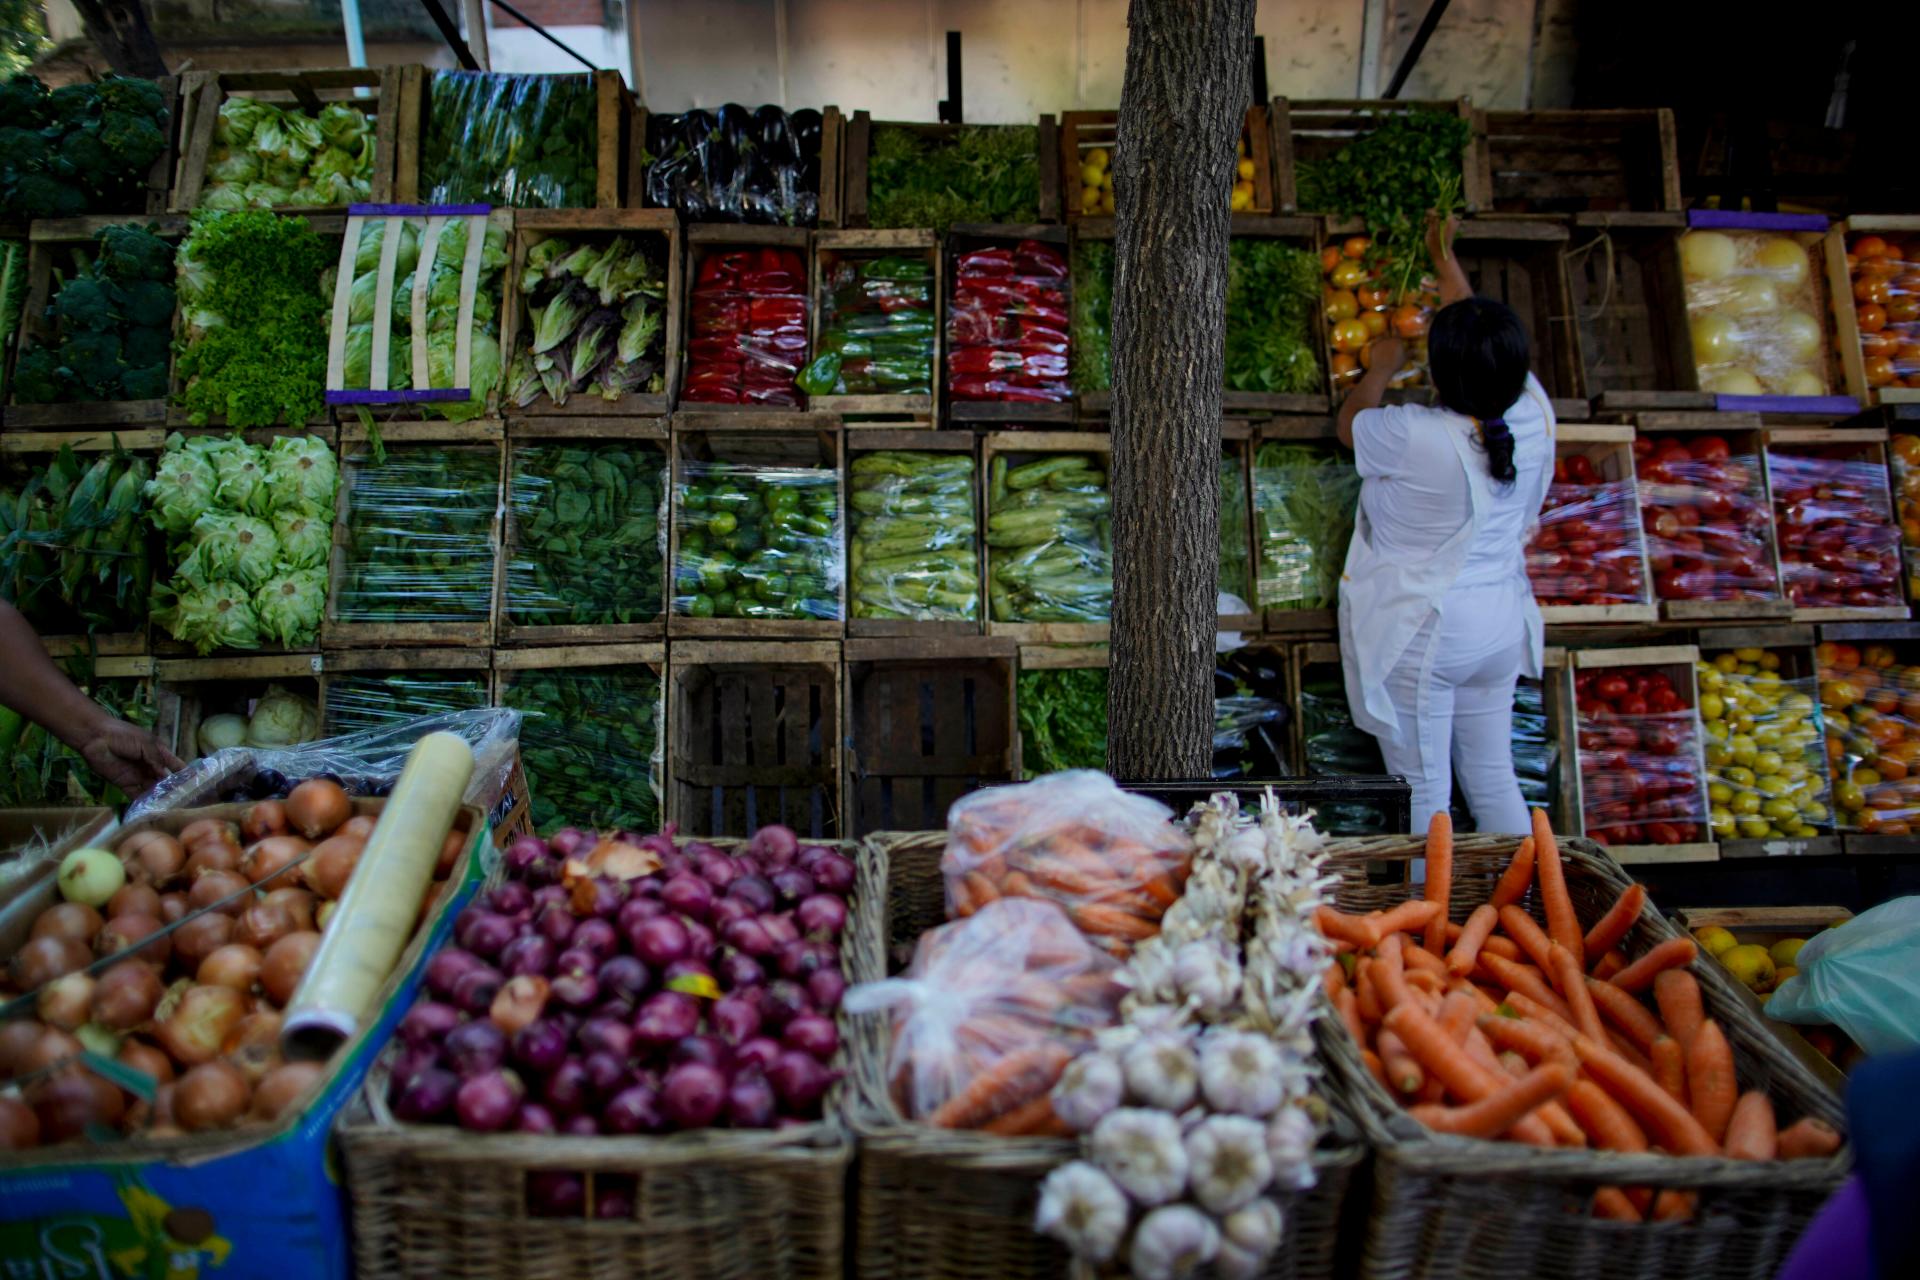 Viral video berät das waschen von Obst und Gemüse mit Seife: Hier ist der Grund, warum das eine schlechte Idee